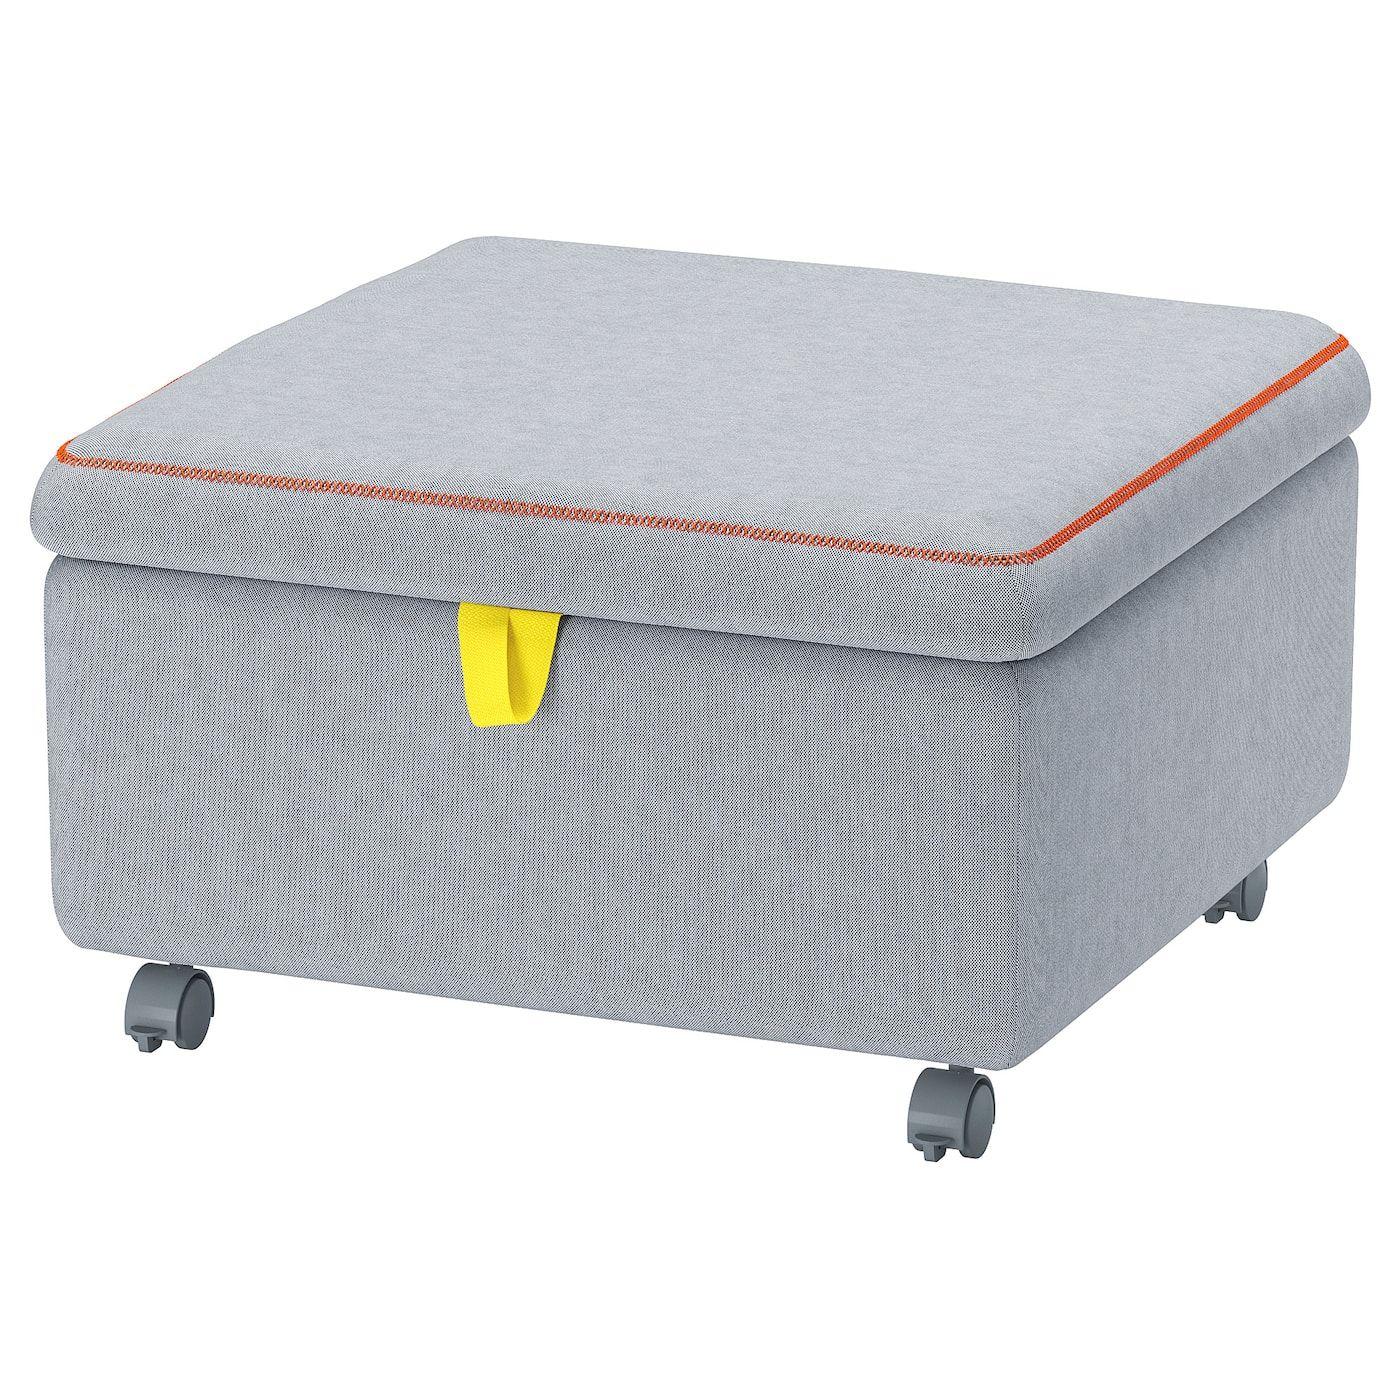 SLÄKT Storage seat section Ikea, Storage furniture, Storage